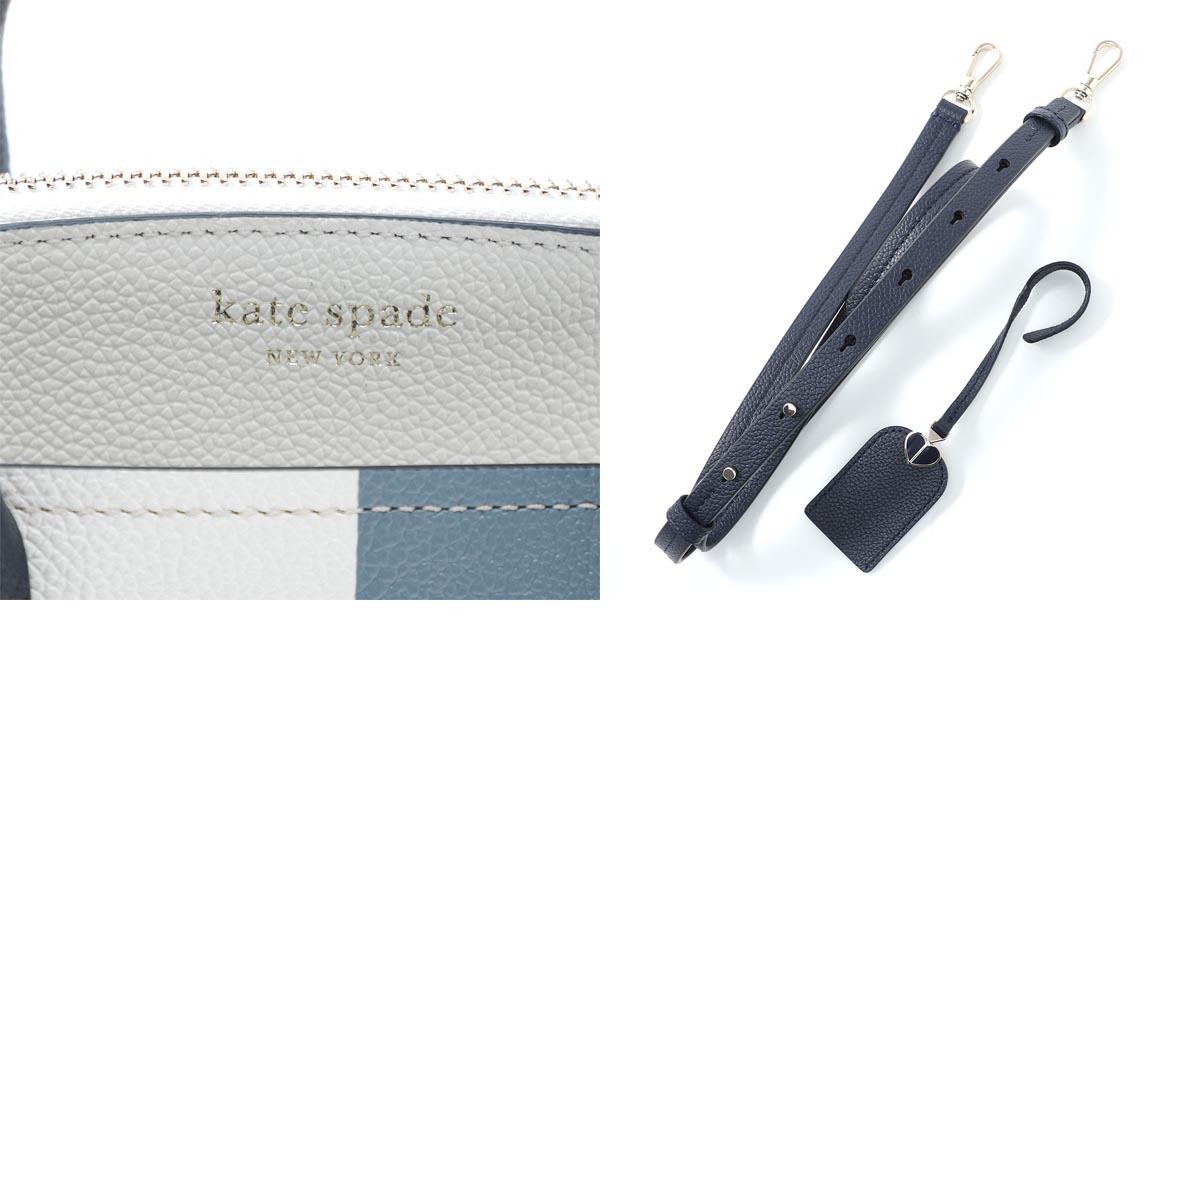 Kate Spade ケイトスペード ハンドバッグ 2WAY/サッチェルバッグ/MARGAUX DEGRADE MINI マルゴー ディグレード レディース